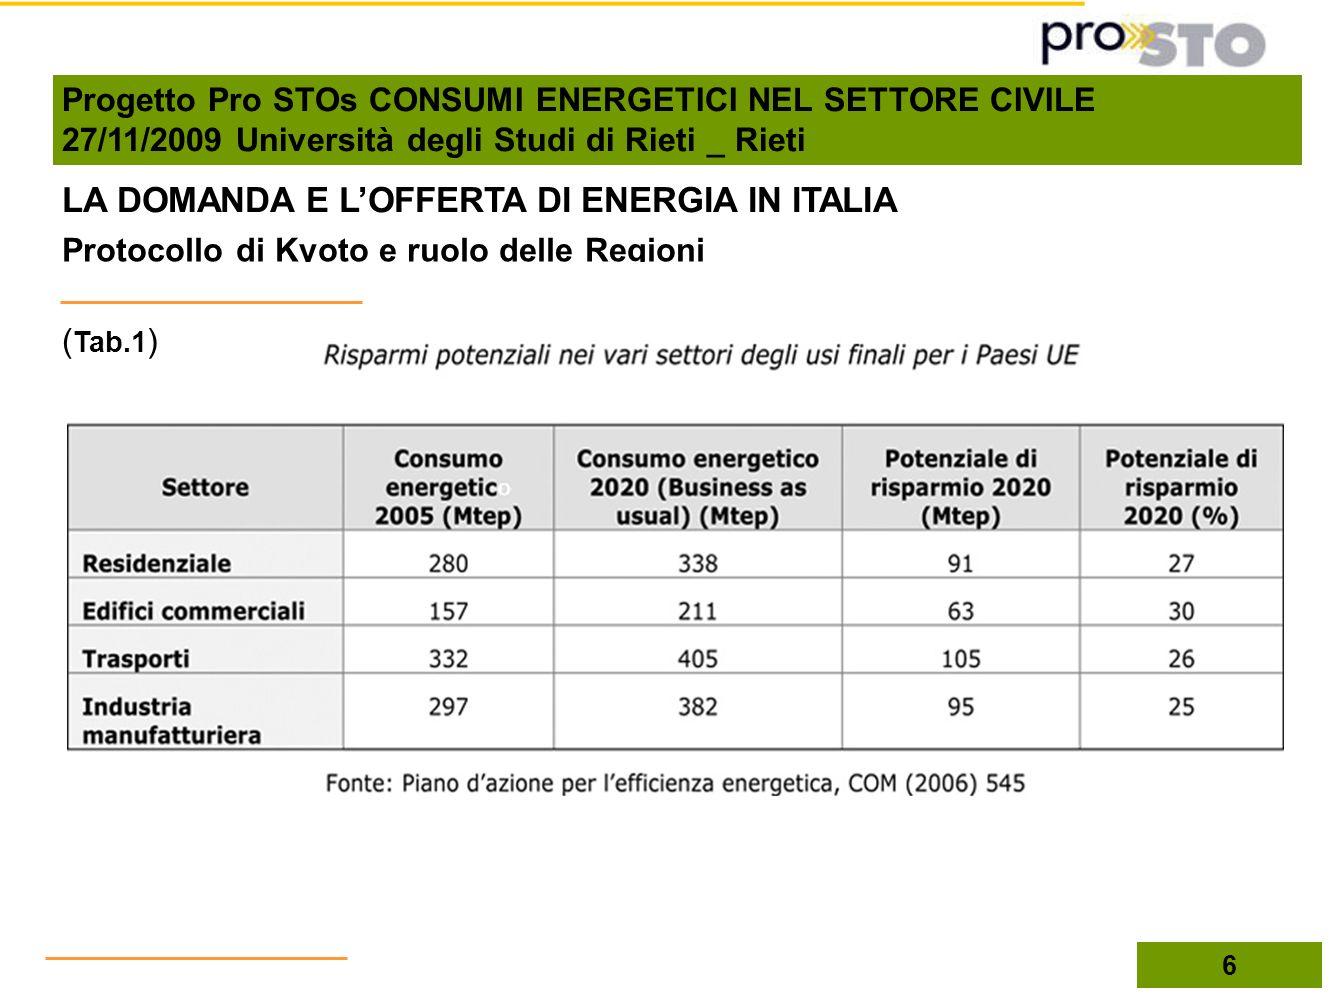 Protocollo di Kyoto e ruolo delle Regioni ( Tab.1 ) LA DOMANDA E LOFFERTA DI ENERGIA IN ITALIA 6 Progetto Pro STOs CONSUMI ENERGETICI NEL SETTORE CIVI